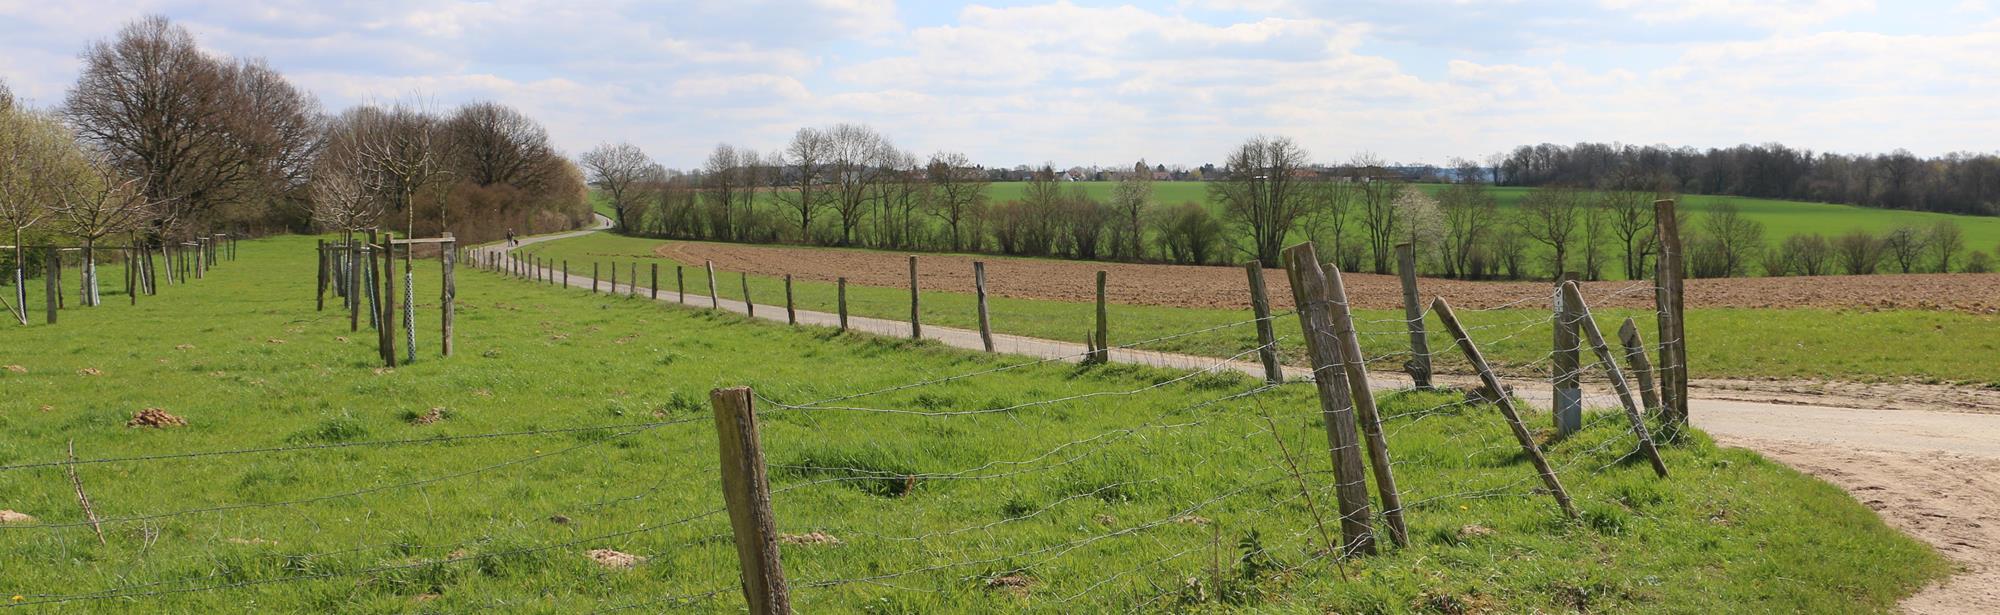 Kunderberg & Natuurreservaat V12 Voerendaal